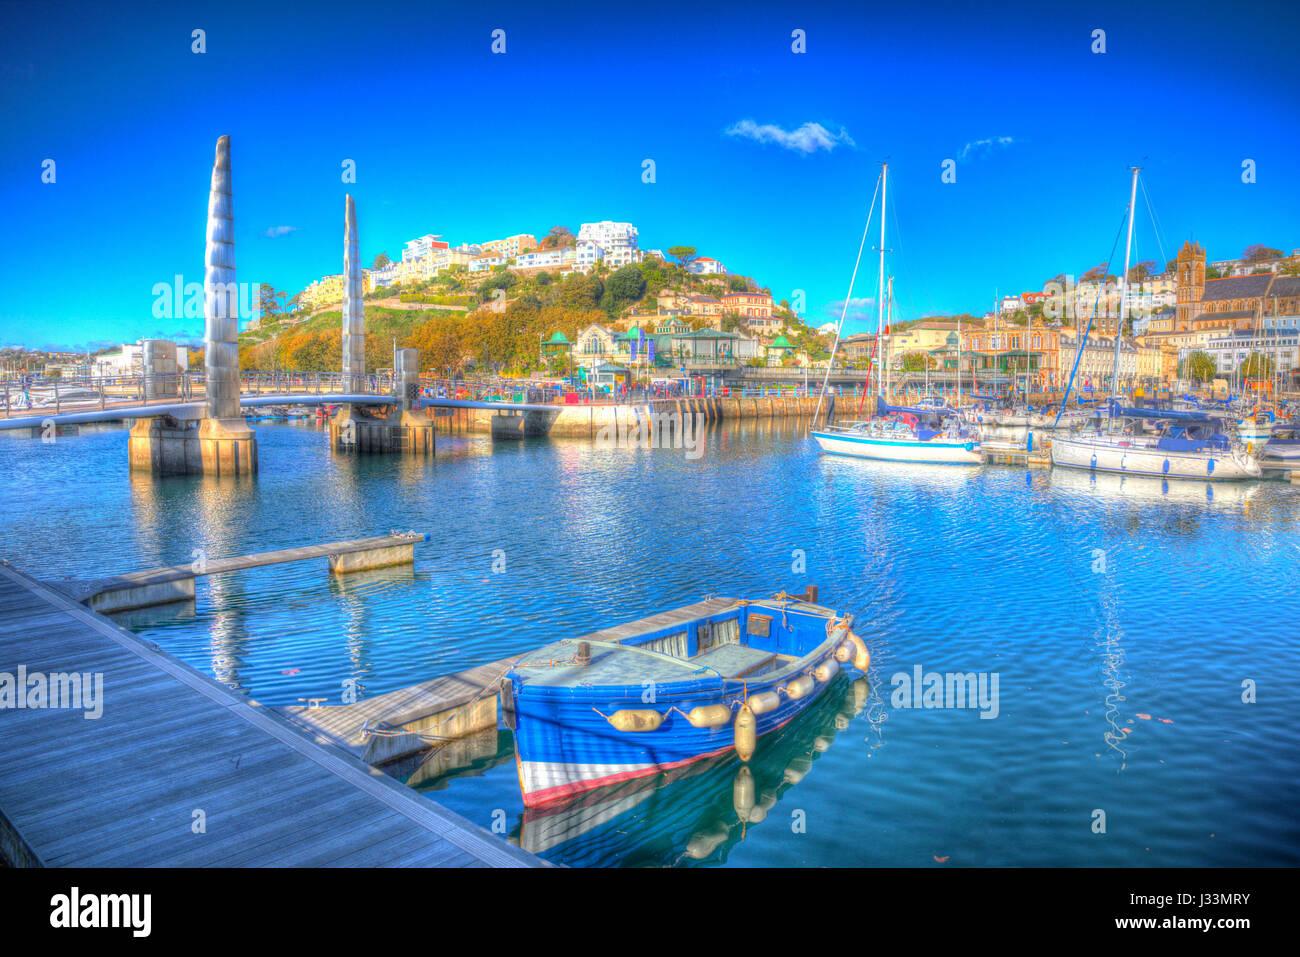 Torquay Devon con barcos y yates en el hermoso día en la Riviera Inglesa en coloridos HDR Imagen De Stock